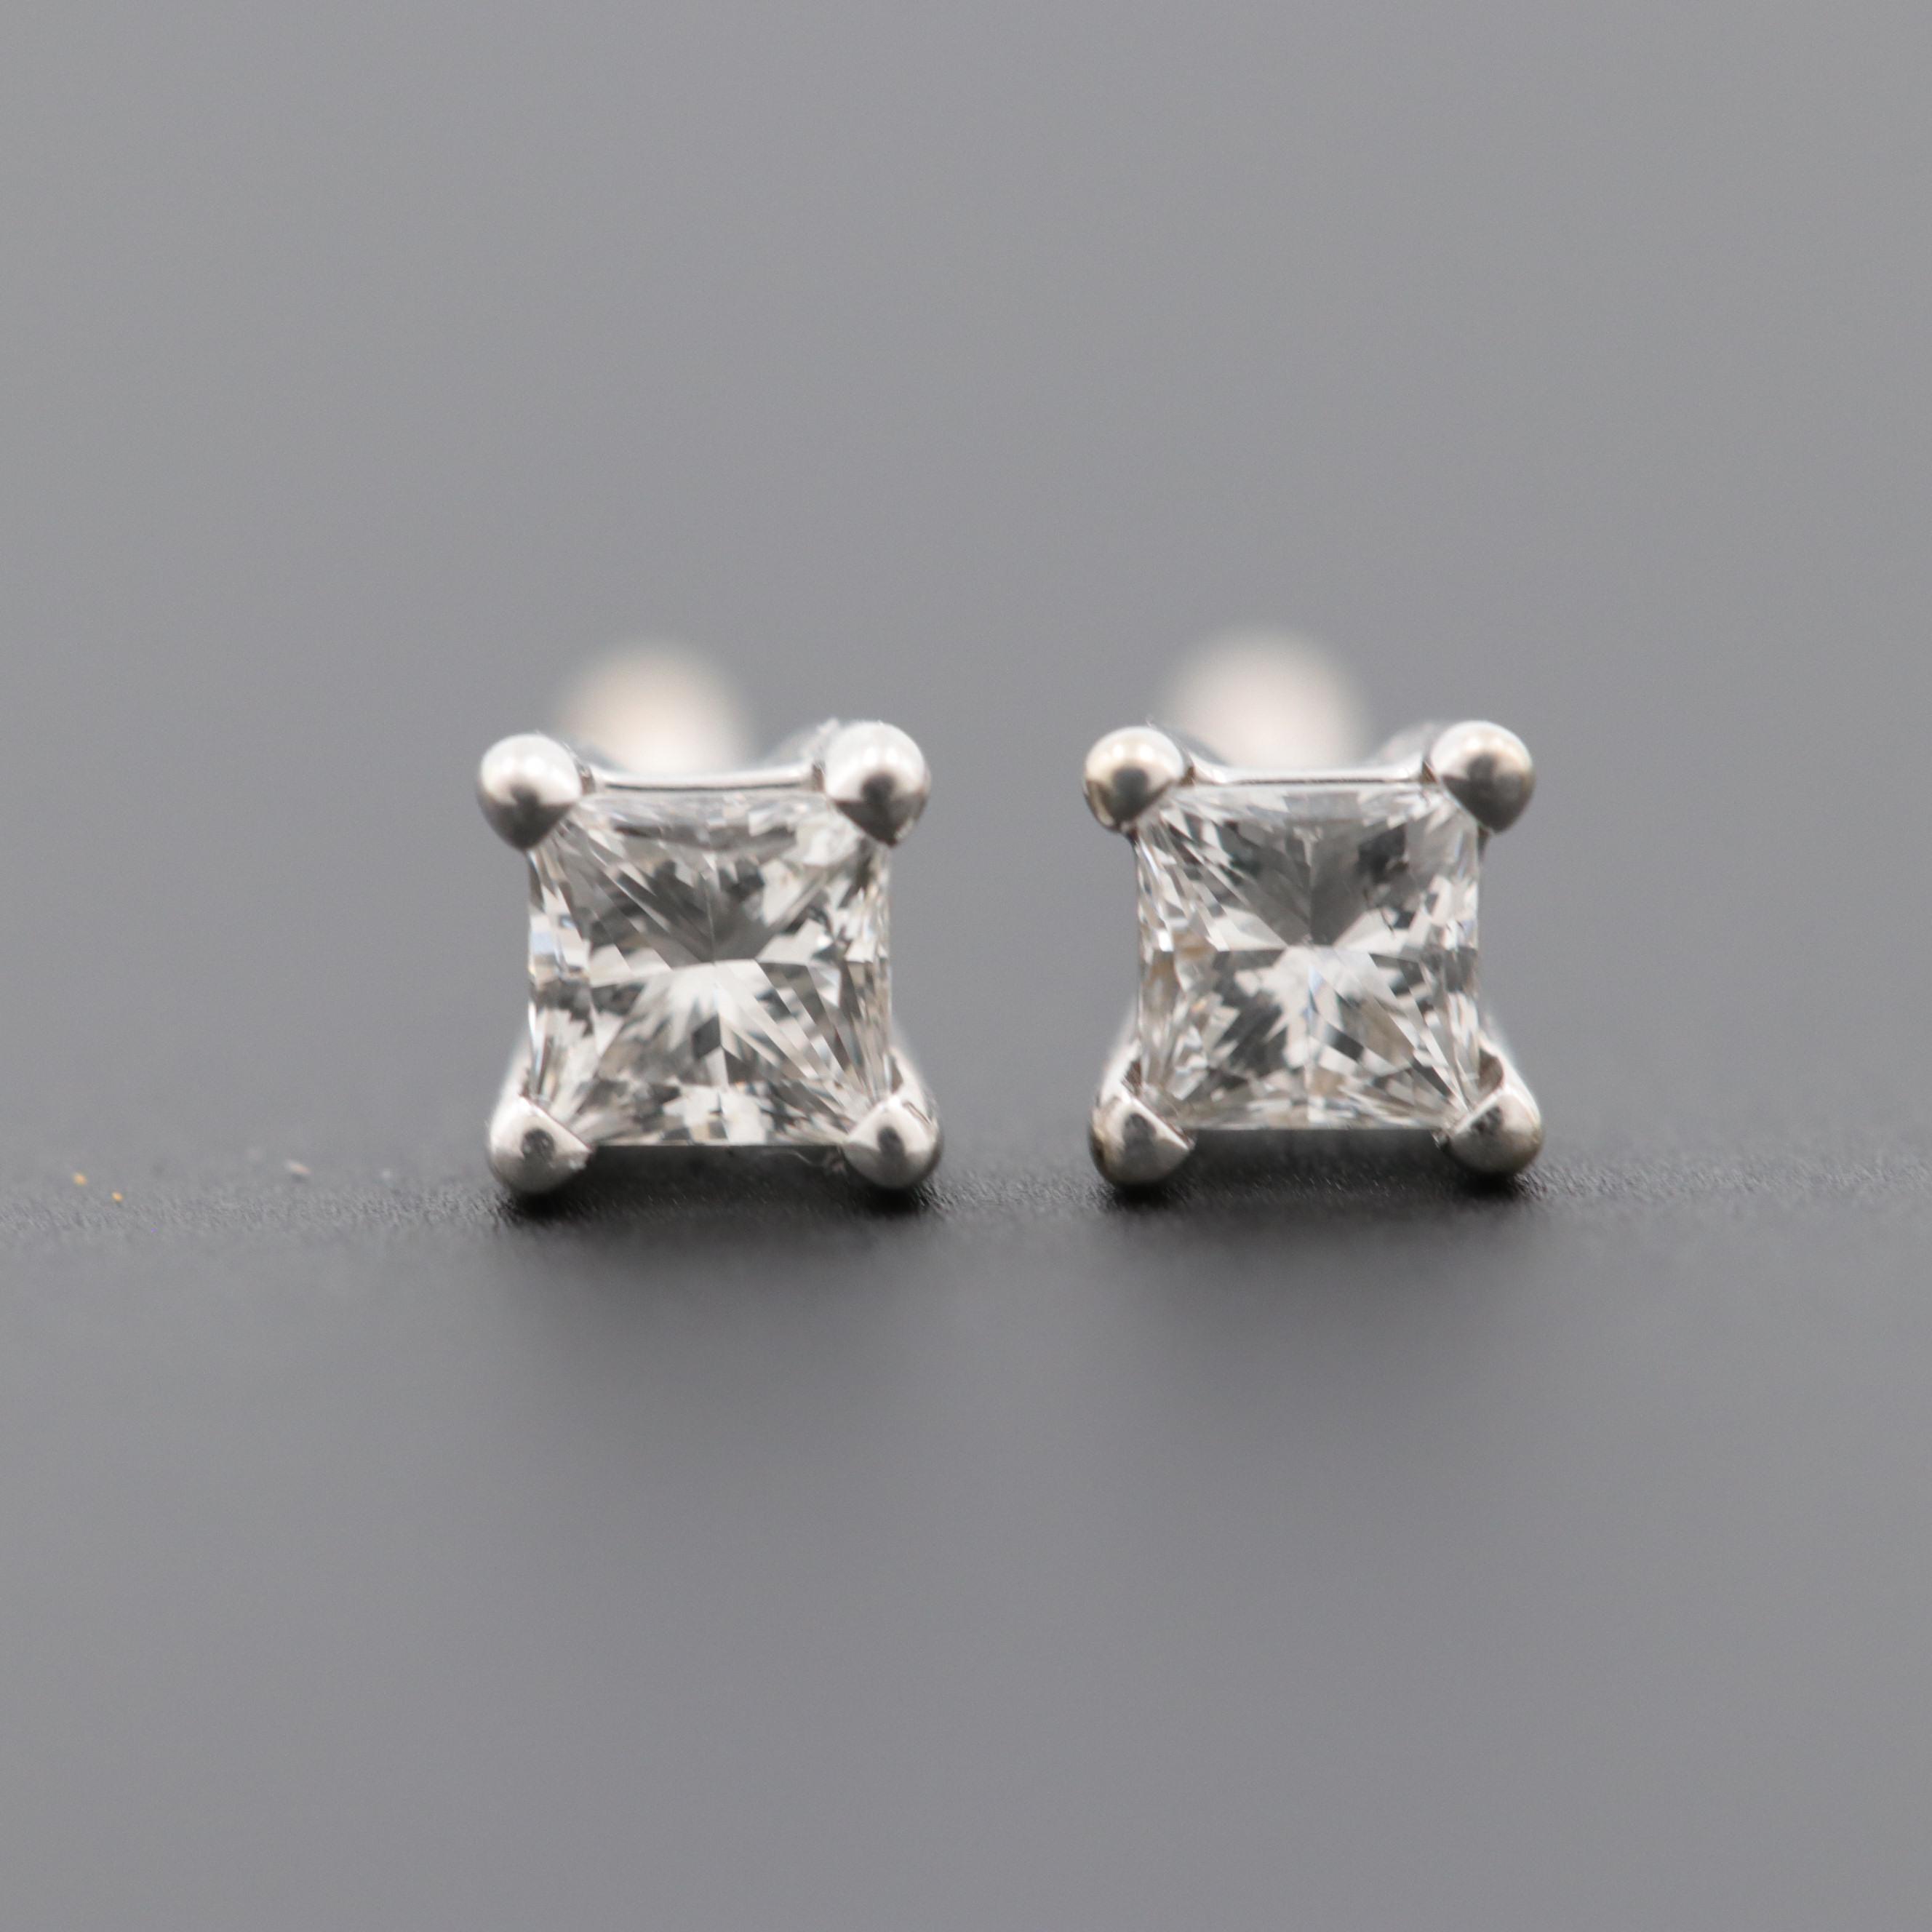 18K White Gold Diamond Solitaire Stud Earrings